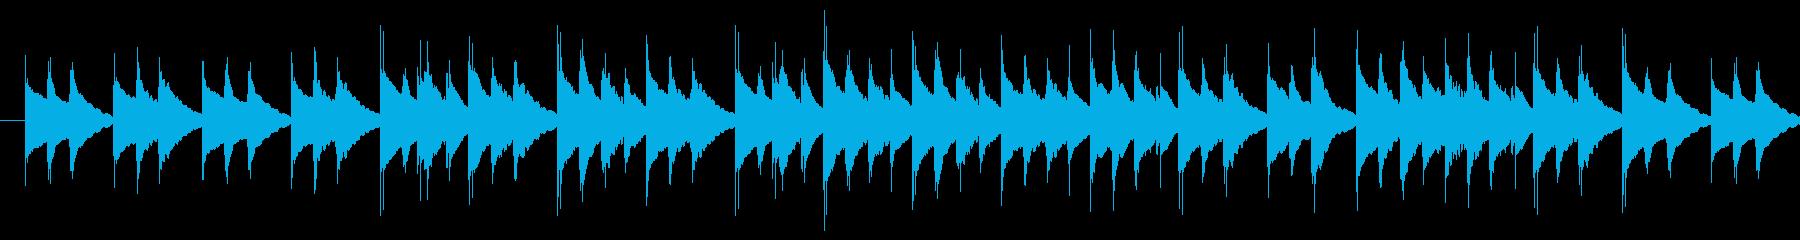 ほのぼの軽快ファンタジー風オルゴールの再生済みの波形